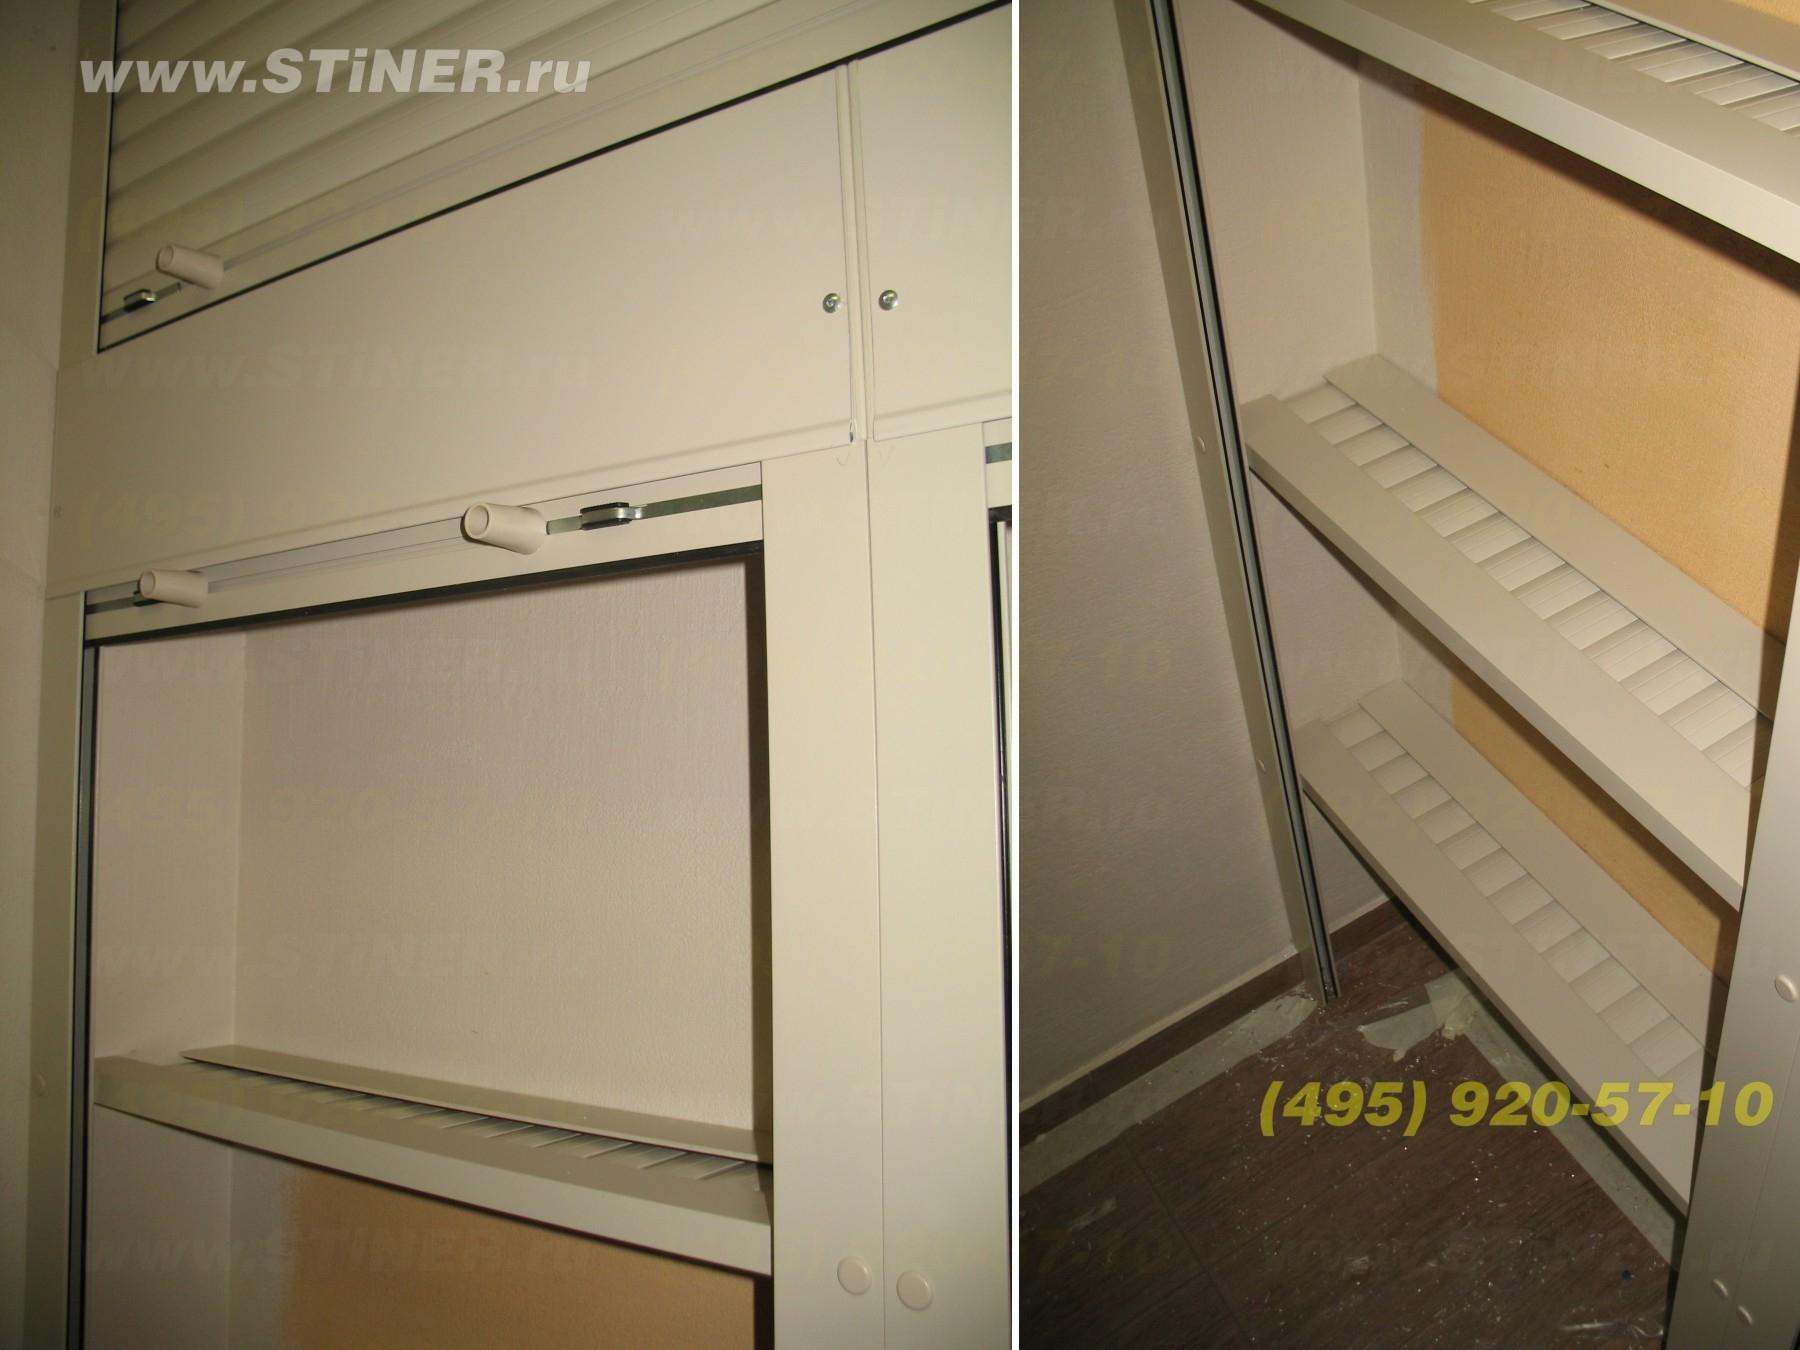 Мебельные роллеты эконом варианта. Мебельные роллеты для шкафов, балконов, лоджий, и ниш эконом серии.